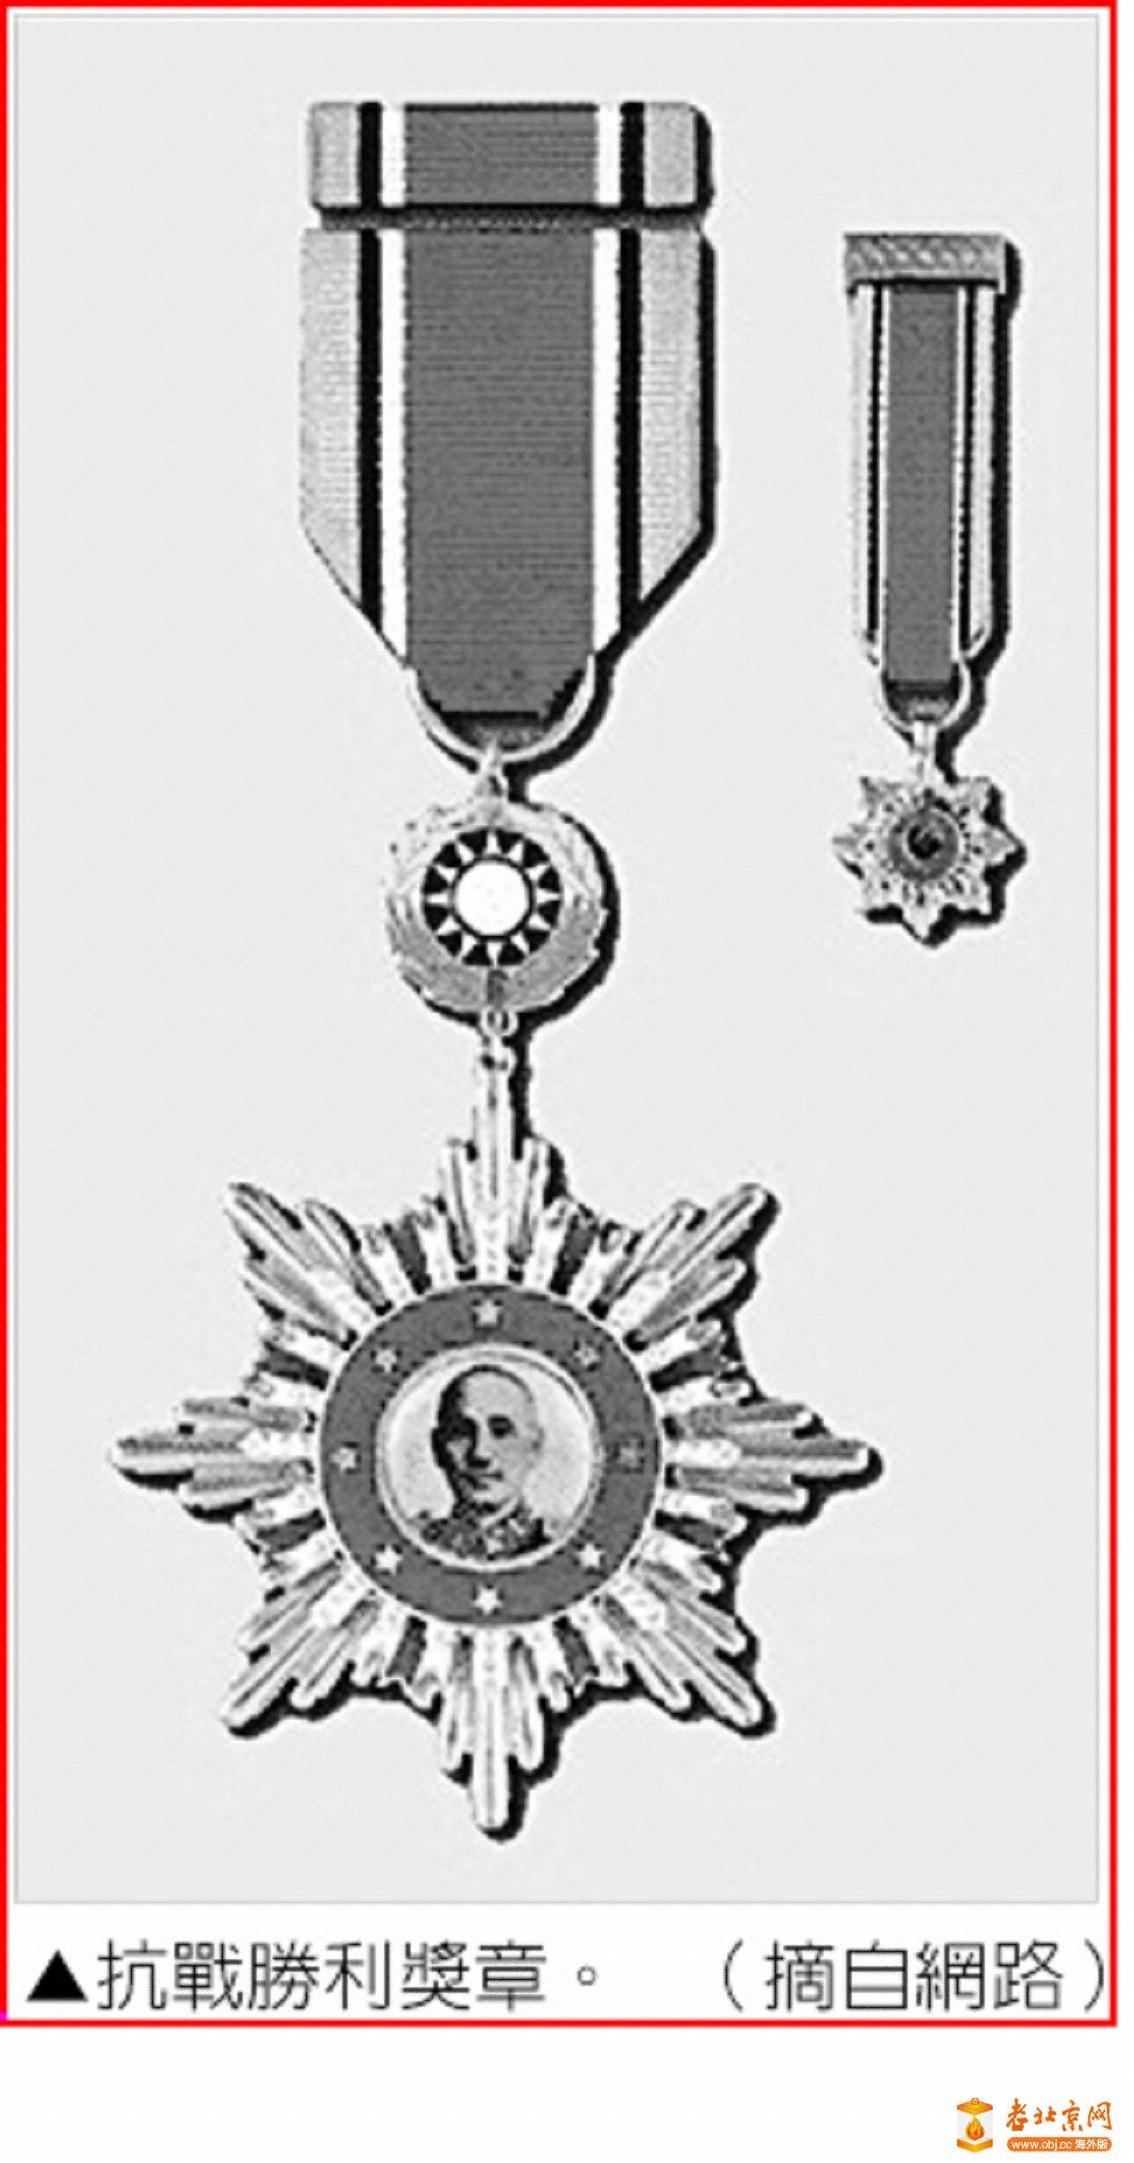 青天白日勋章的故事  誓师北伐10周年勋章(之五)